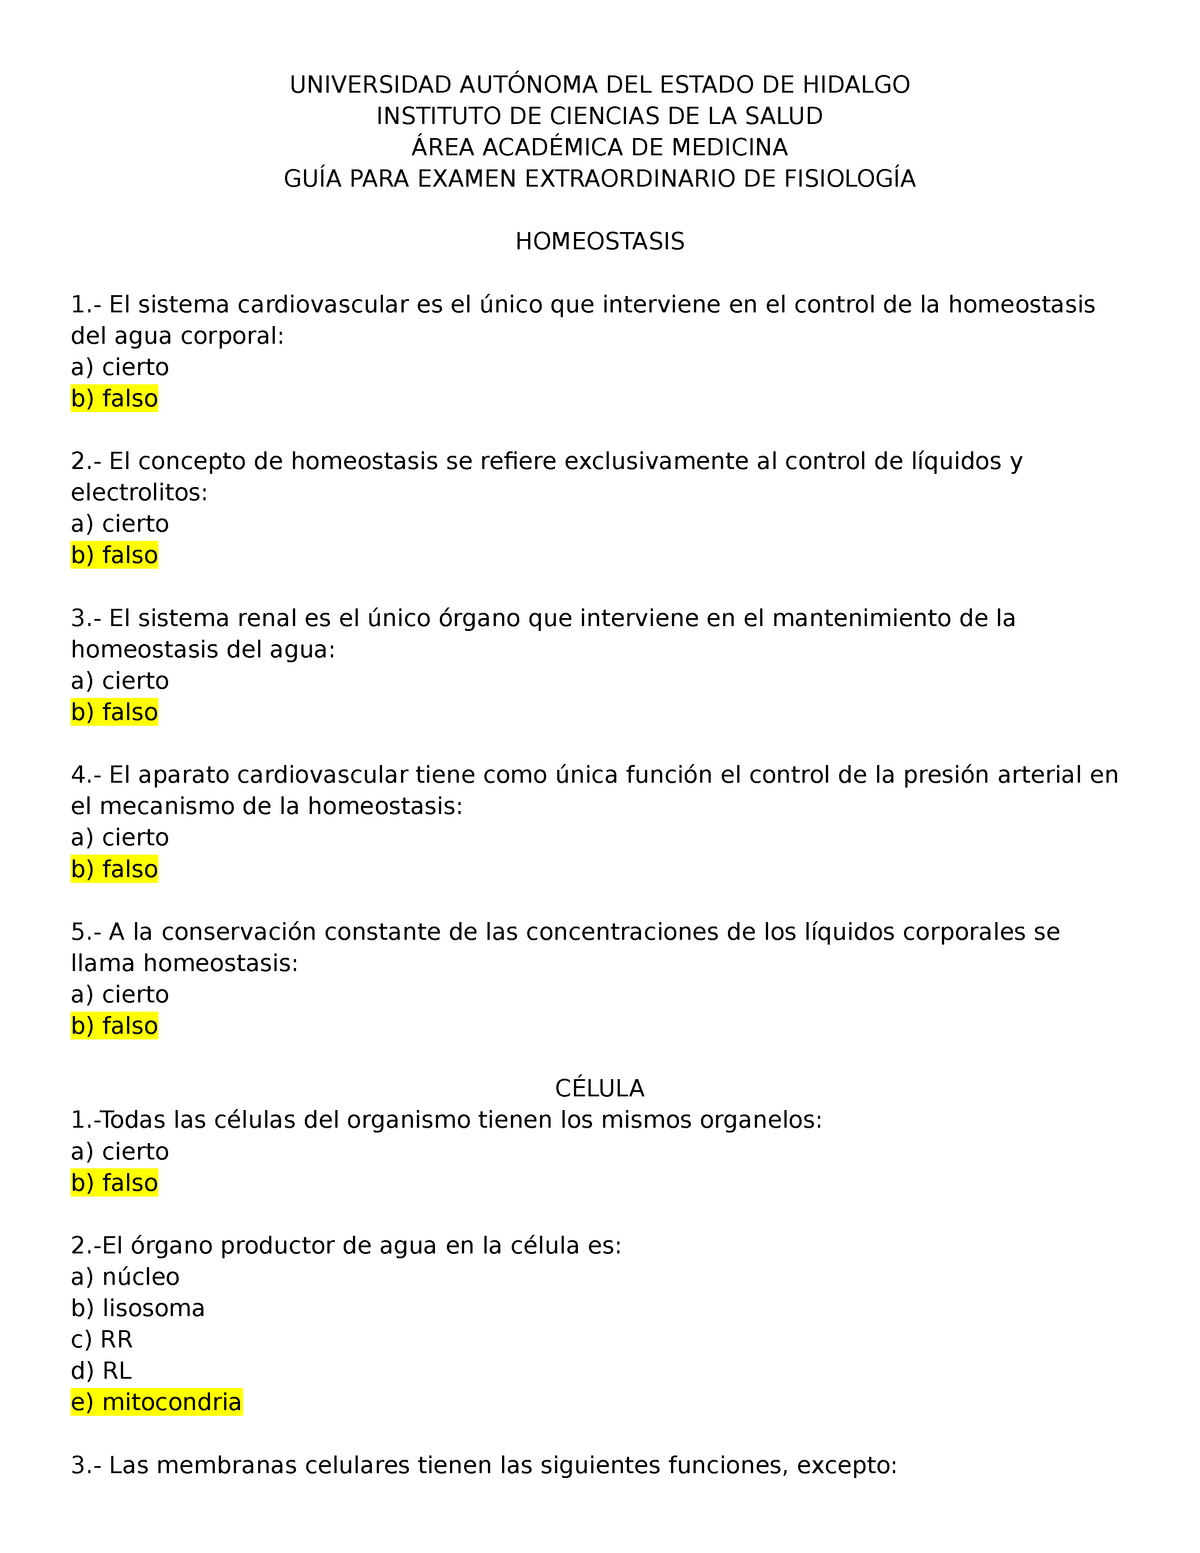 Examen 21 Febrero 2016 Preguntas Y Respuestas Studocu